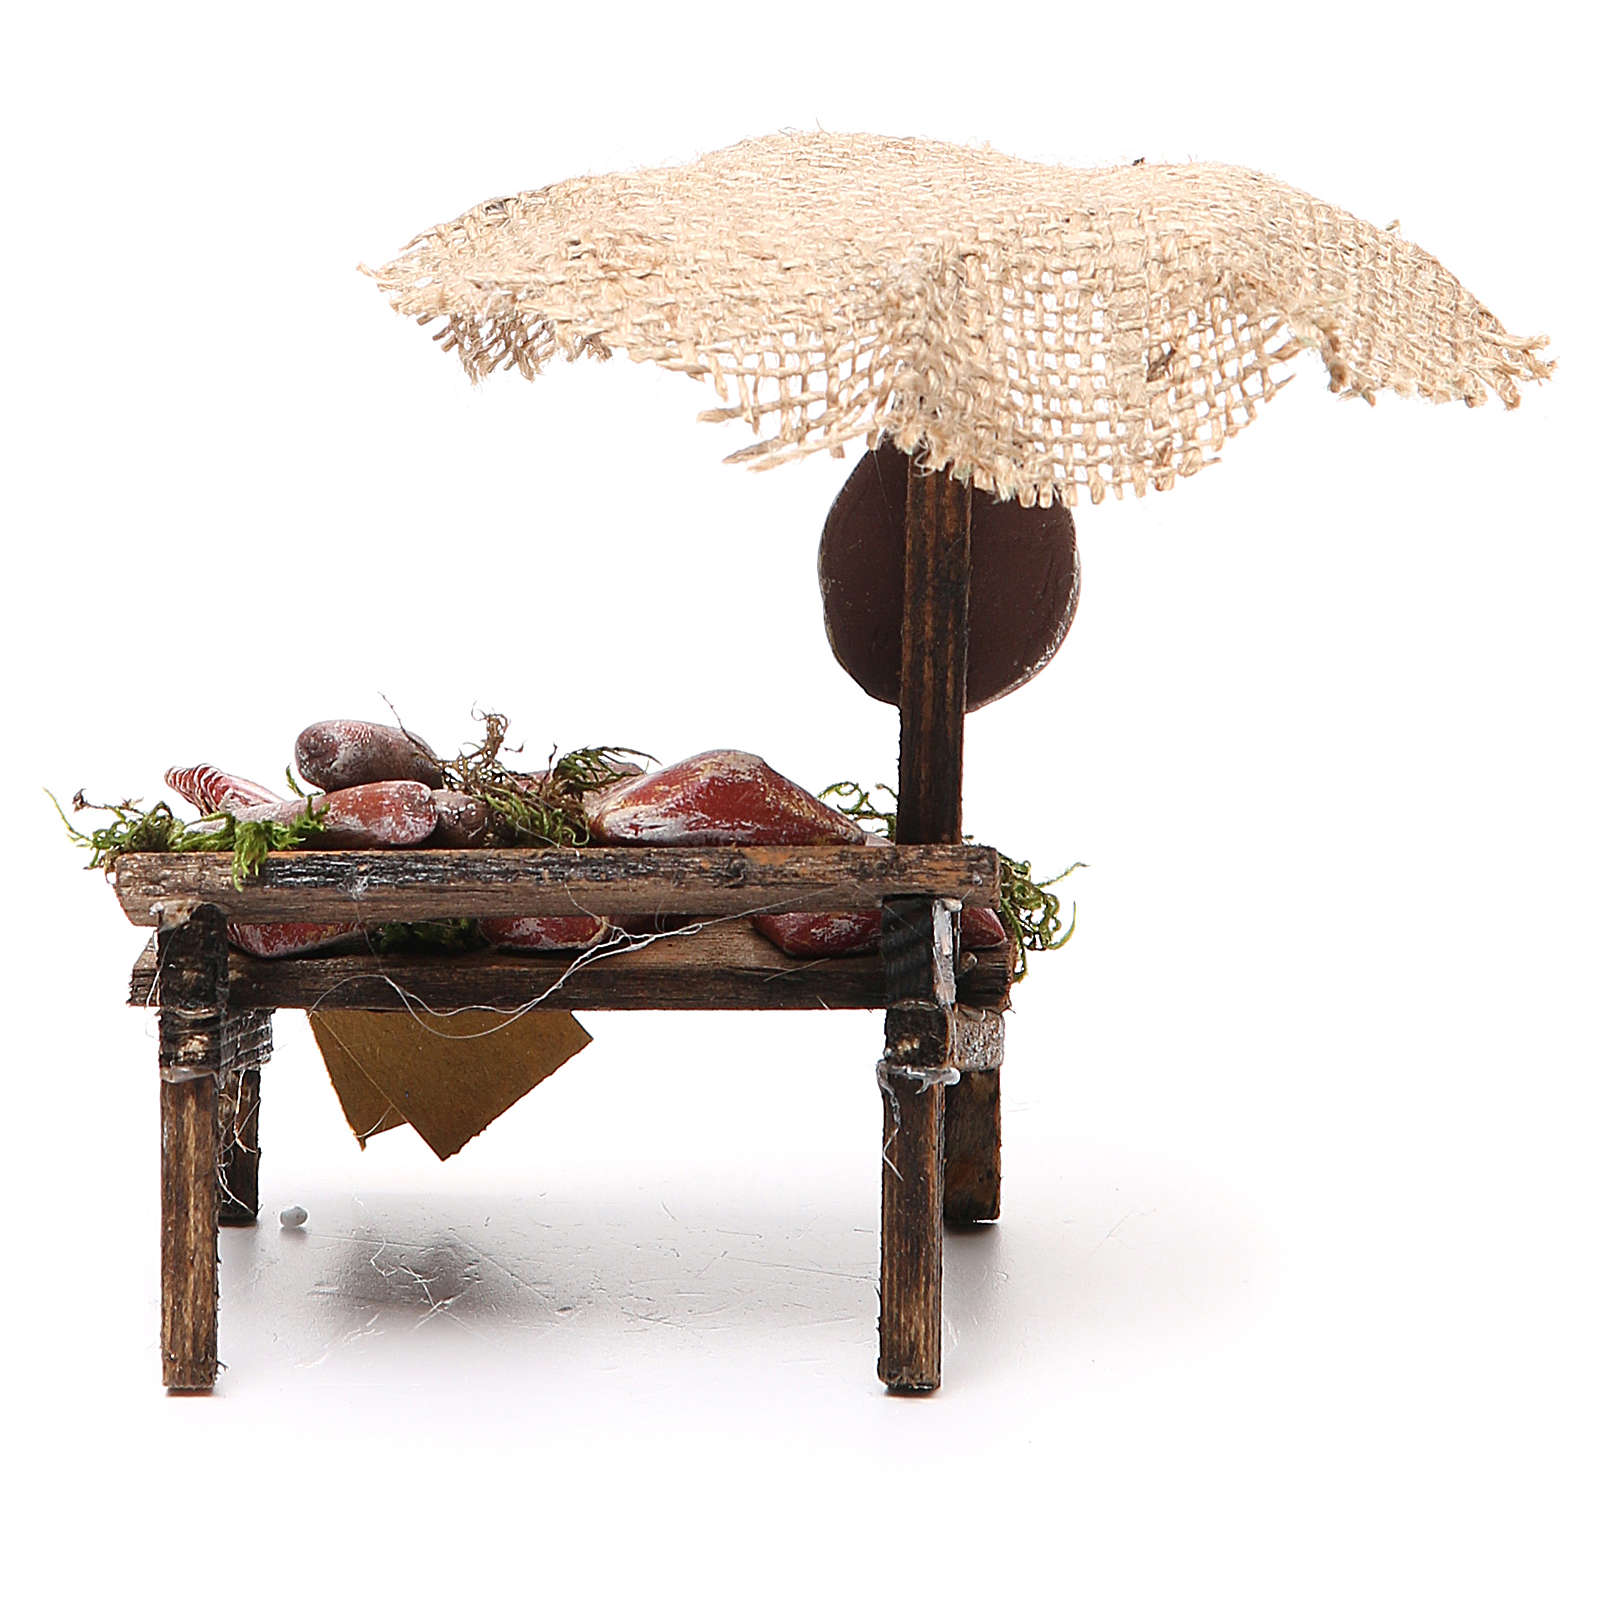 Banc crèche charcuterie viande avec parasol 12x10x12 cm 4